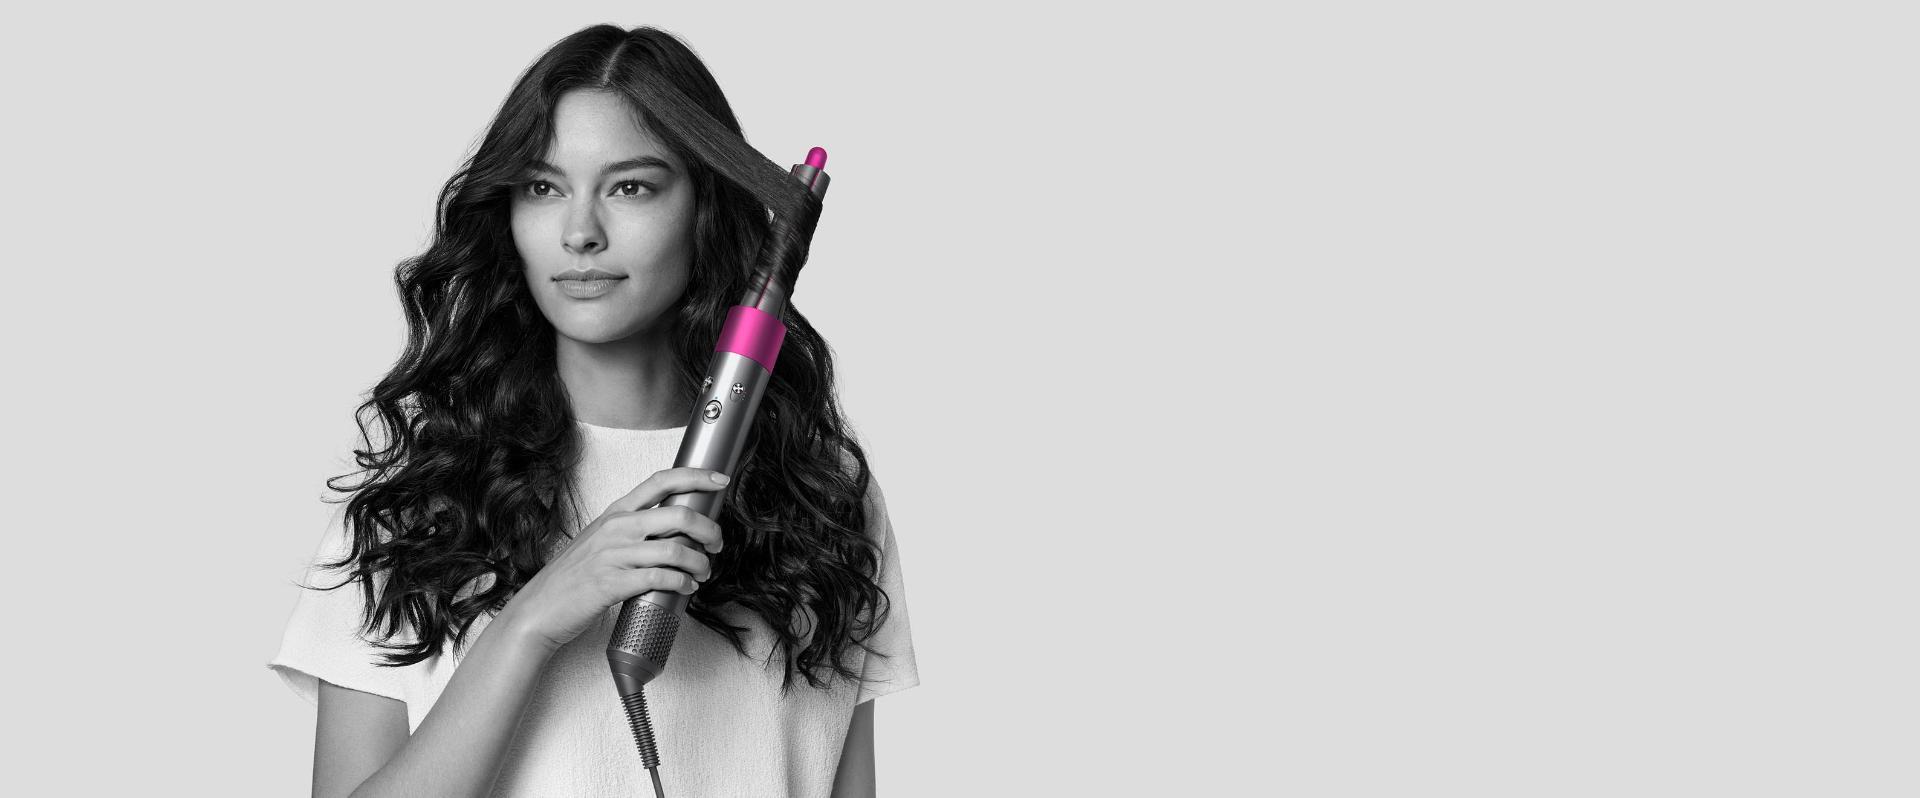 מעצב השיער ™Dyson Airwrap מגיע עם אביזרי סלסול למראה מתולתל או גלי, ומברשות להחלקת השיער או ליצירת נפח.